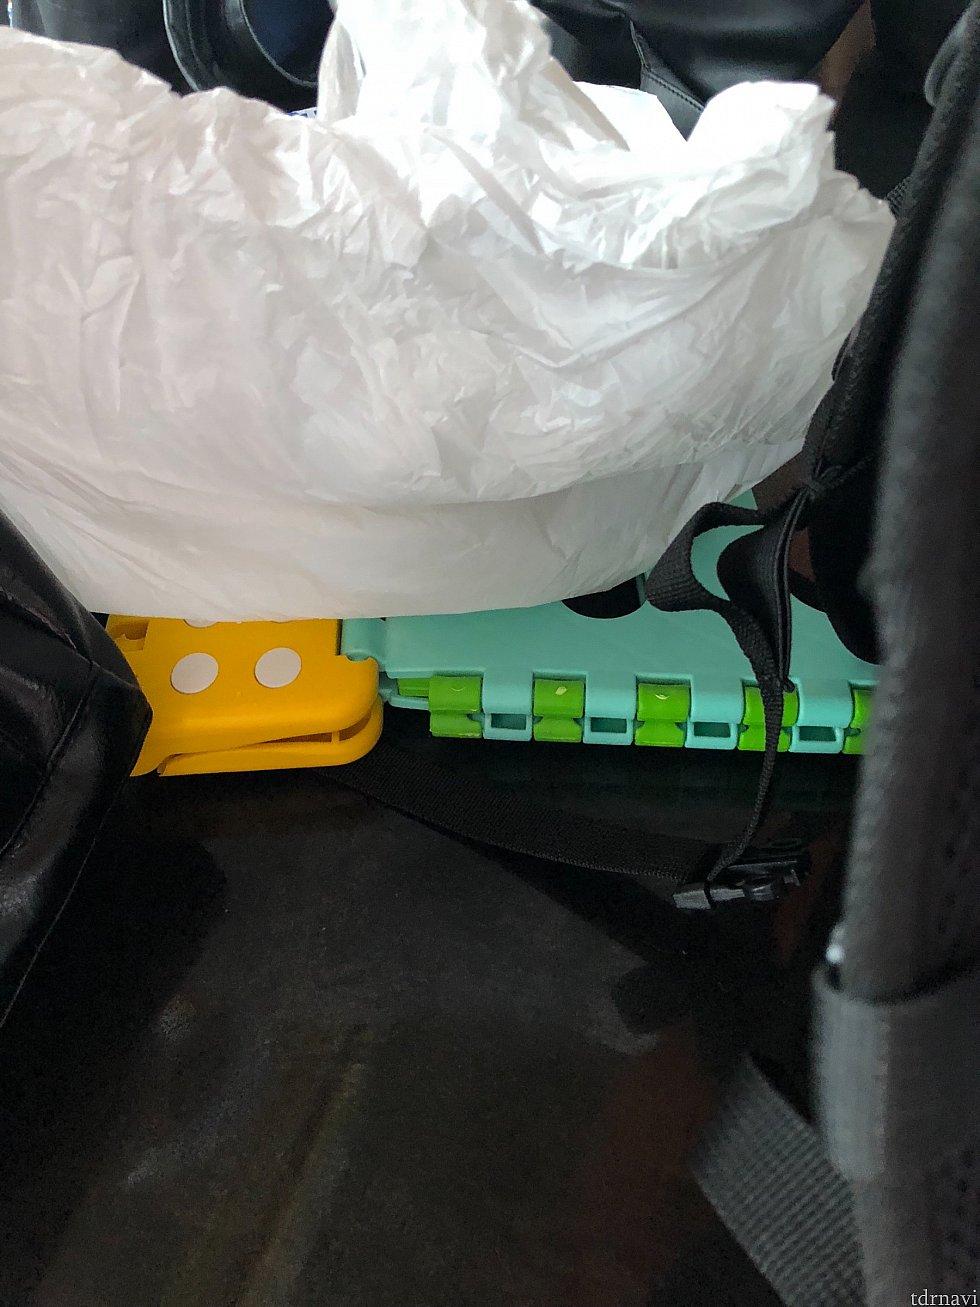 以前折り畳みイスが引っかかっているのを目撃しましたが、中国では10元くらいで売っているからかすんなり没収されていました